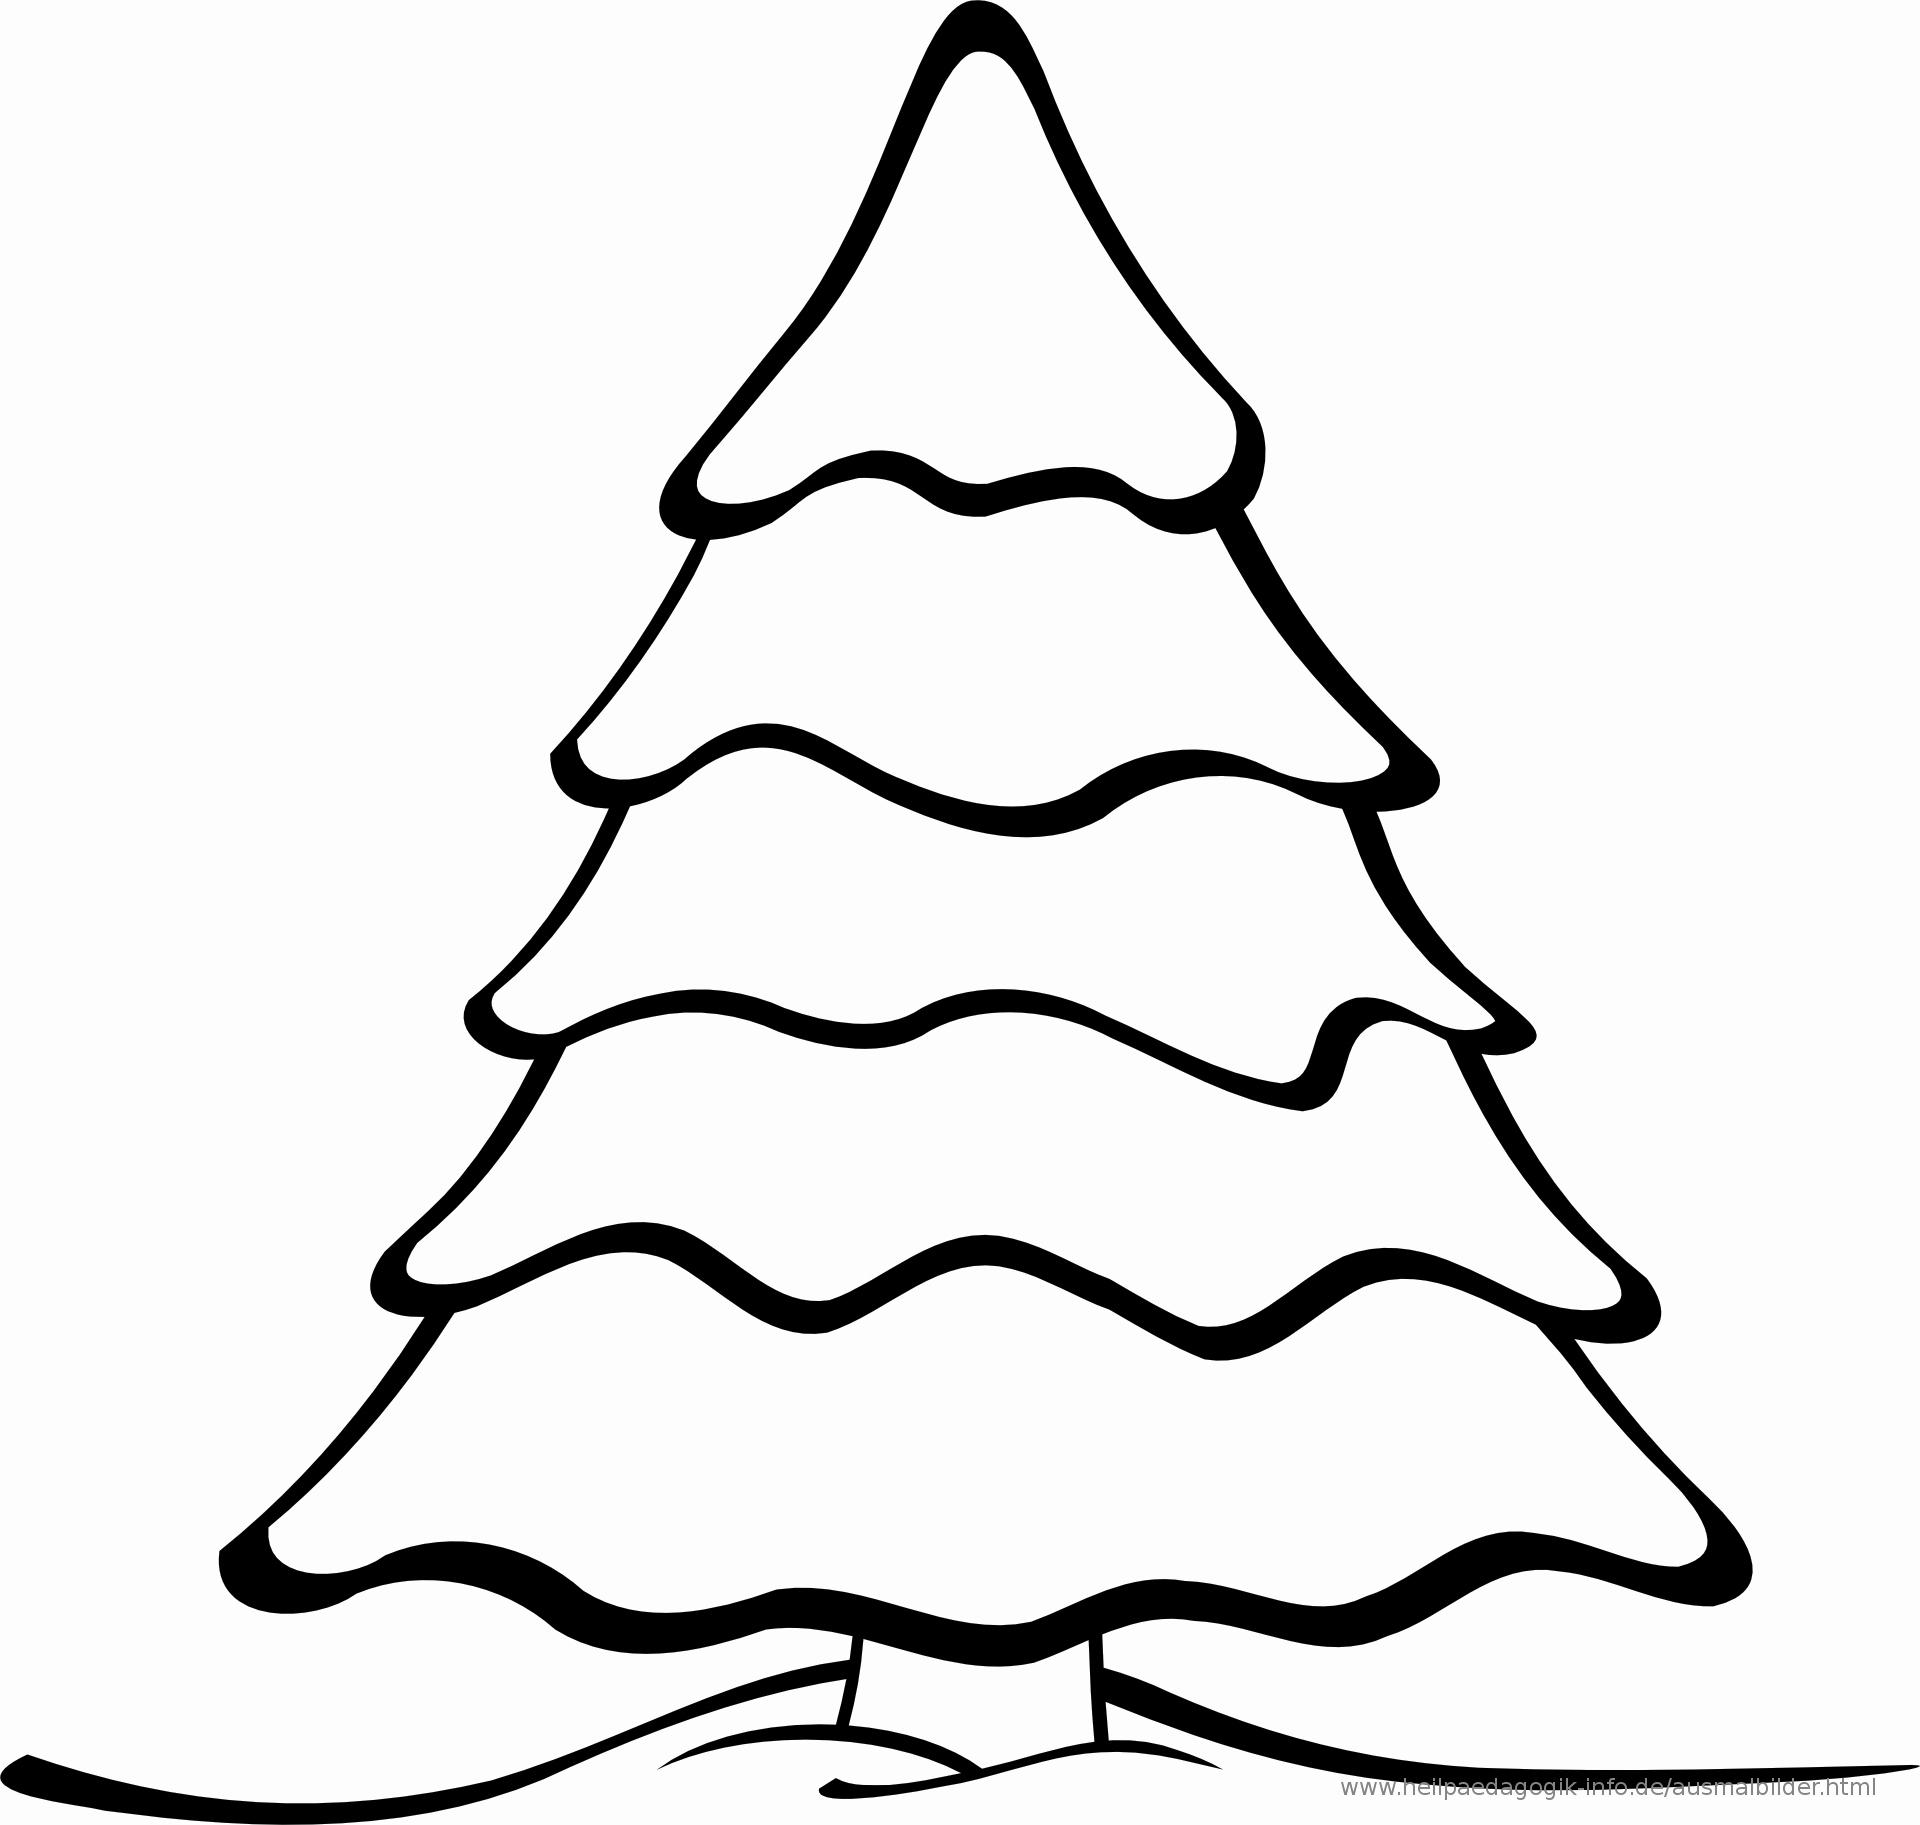 Malvorlagen Tannenbaum Ausdrucken Elegant Ausmalbilder mit Weihnachtsbaum Malvorlage